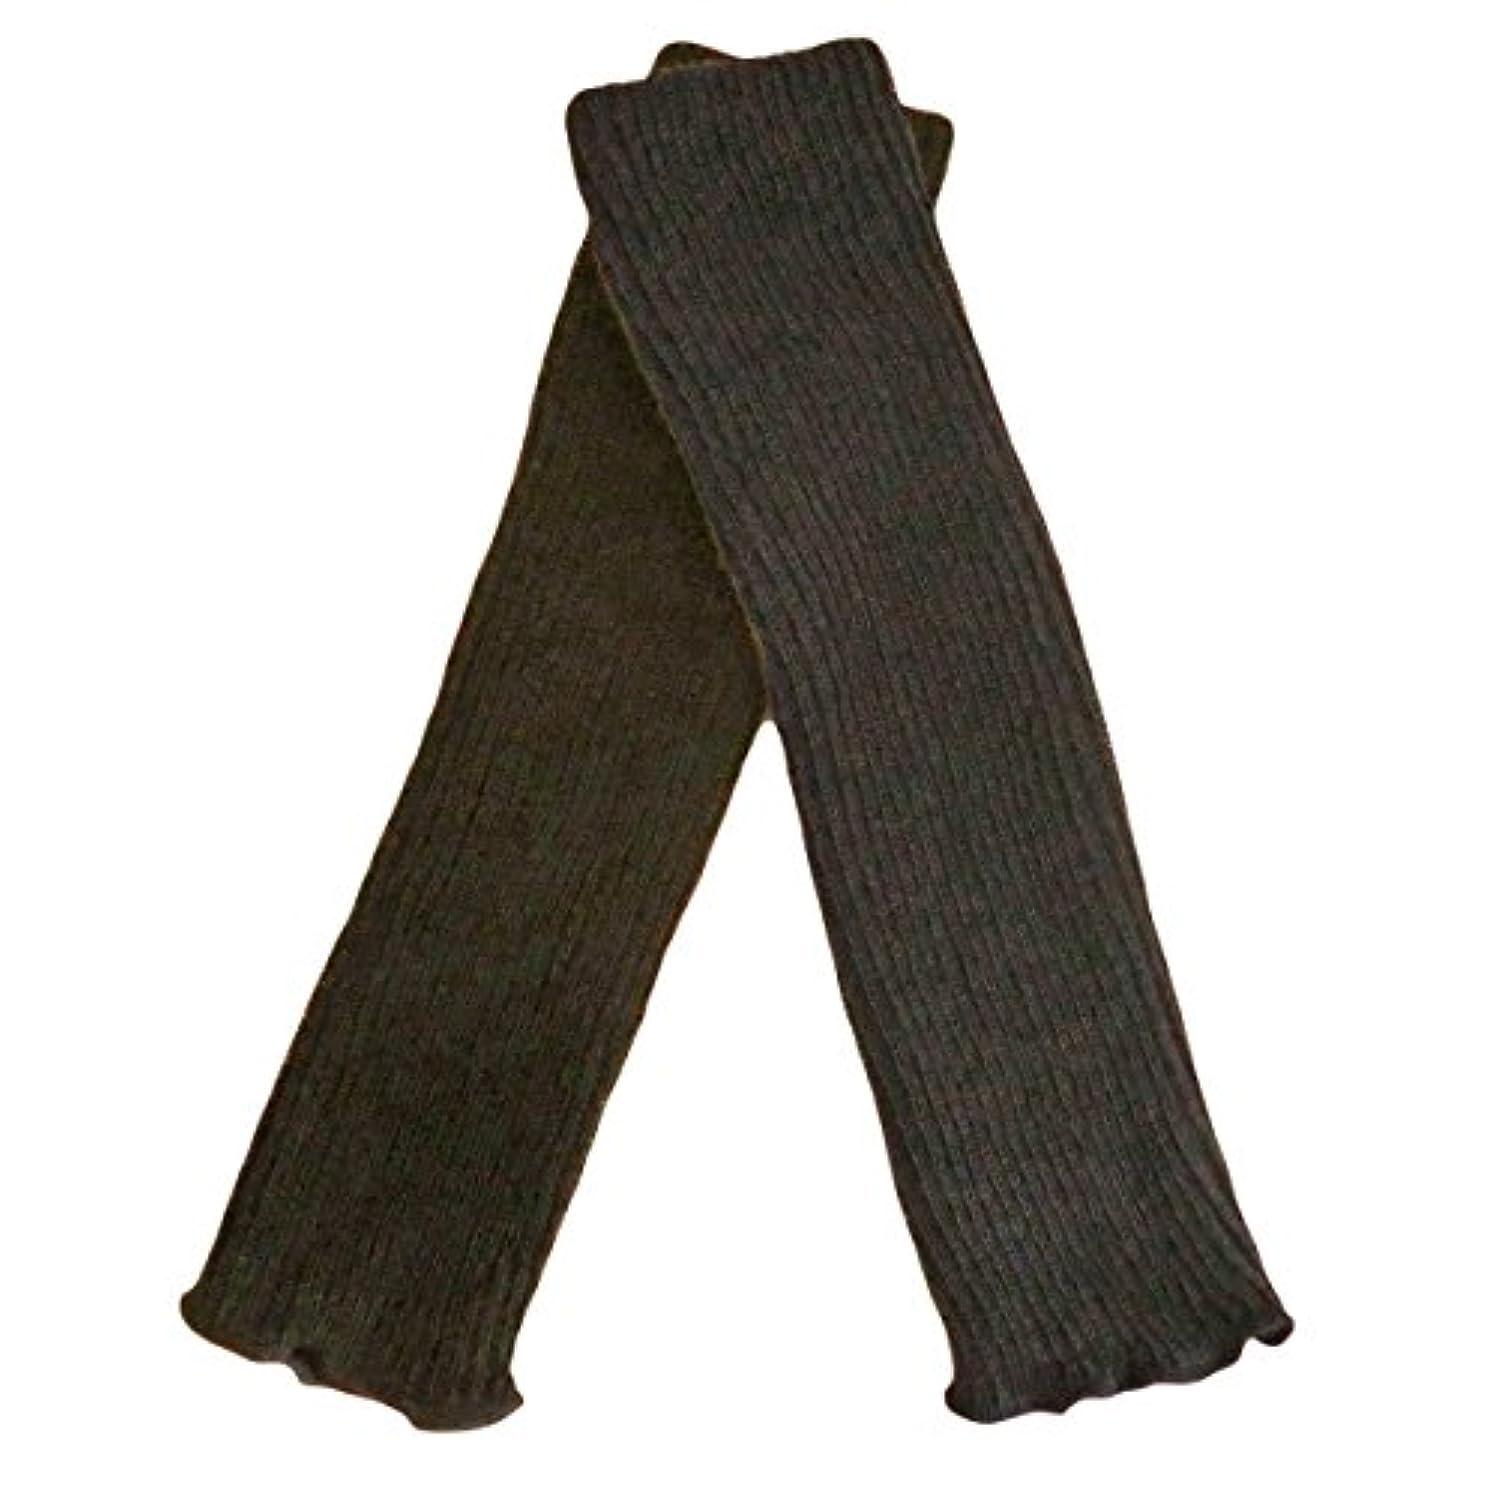 変化する協会接続されたシルクウール二重編みレッグウォーマー 内絹外毛の二重縫製があたたかい厚手レッグウォーマー (ブラウン)